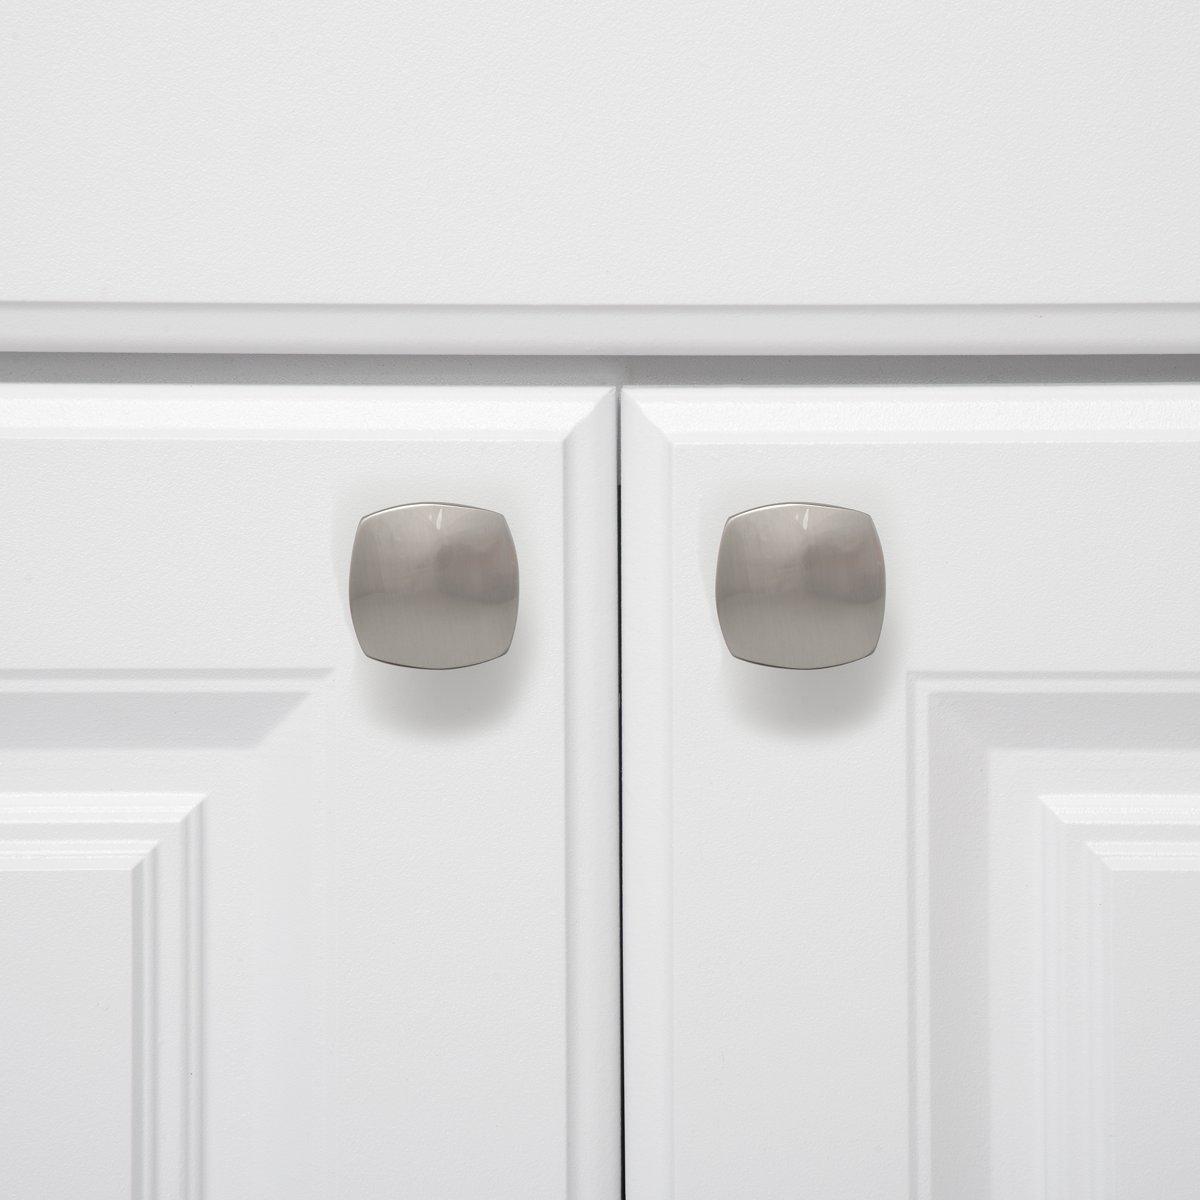 M/öbelgriff 25er-Pack Basics Ge/öltes Bronze quadratisch Schubladenknopf abgerundete Kanten Durchmesser: 3,2 cm